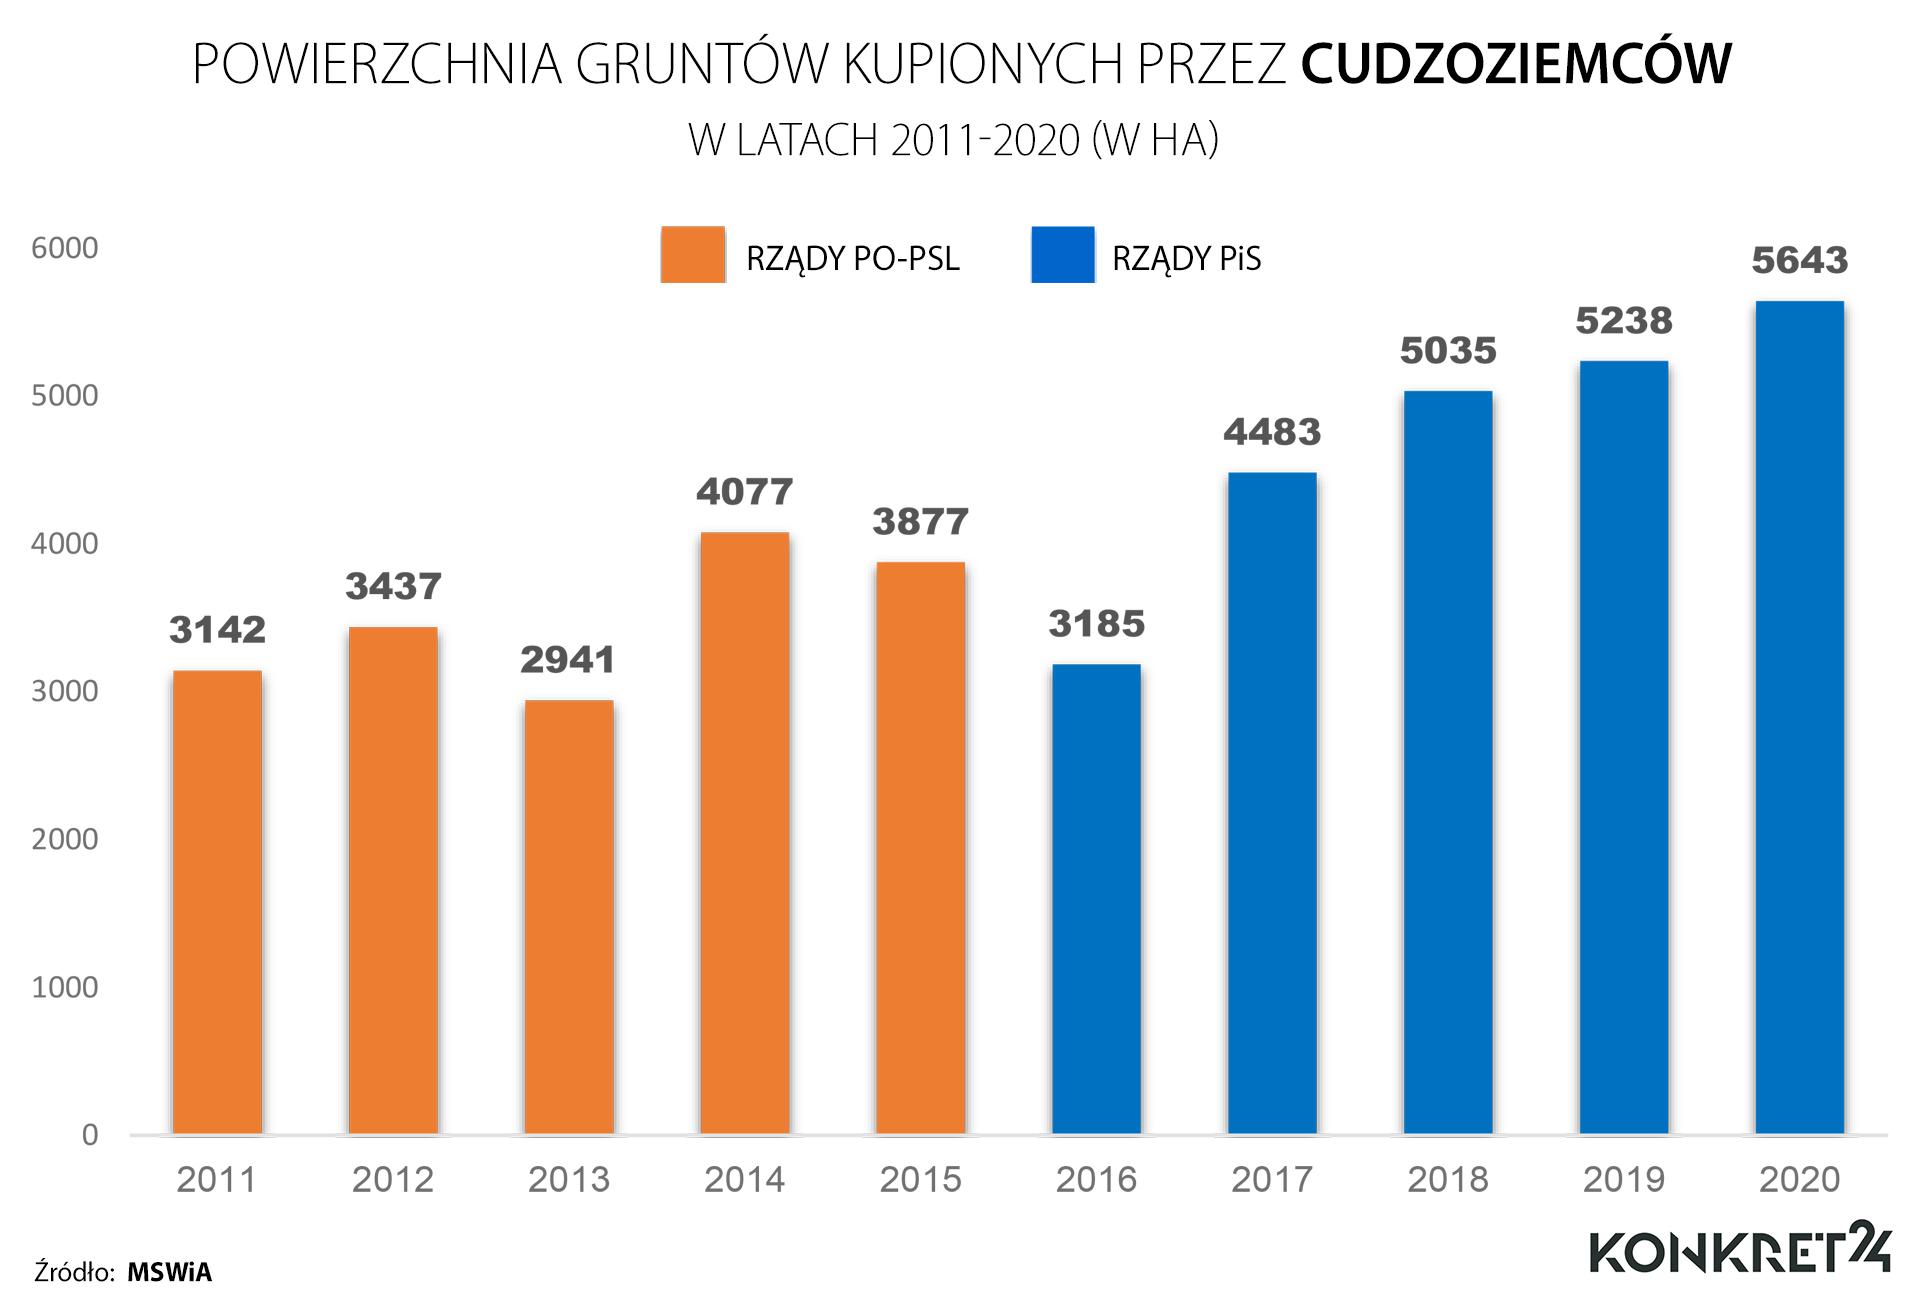 Powierzchnia nieruchomości gruntowych w Polsce kupionych przez cudzoziemców w latach 2011-2020